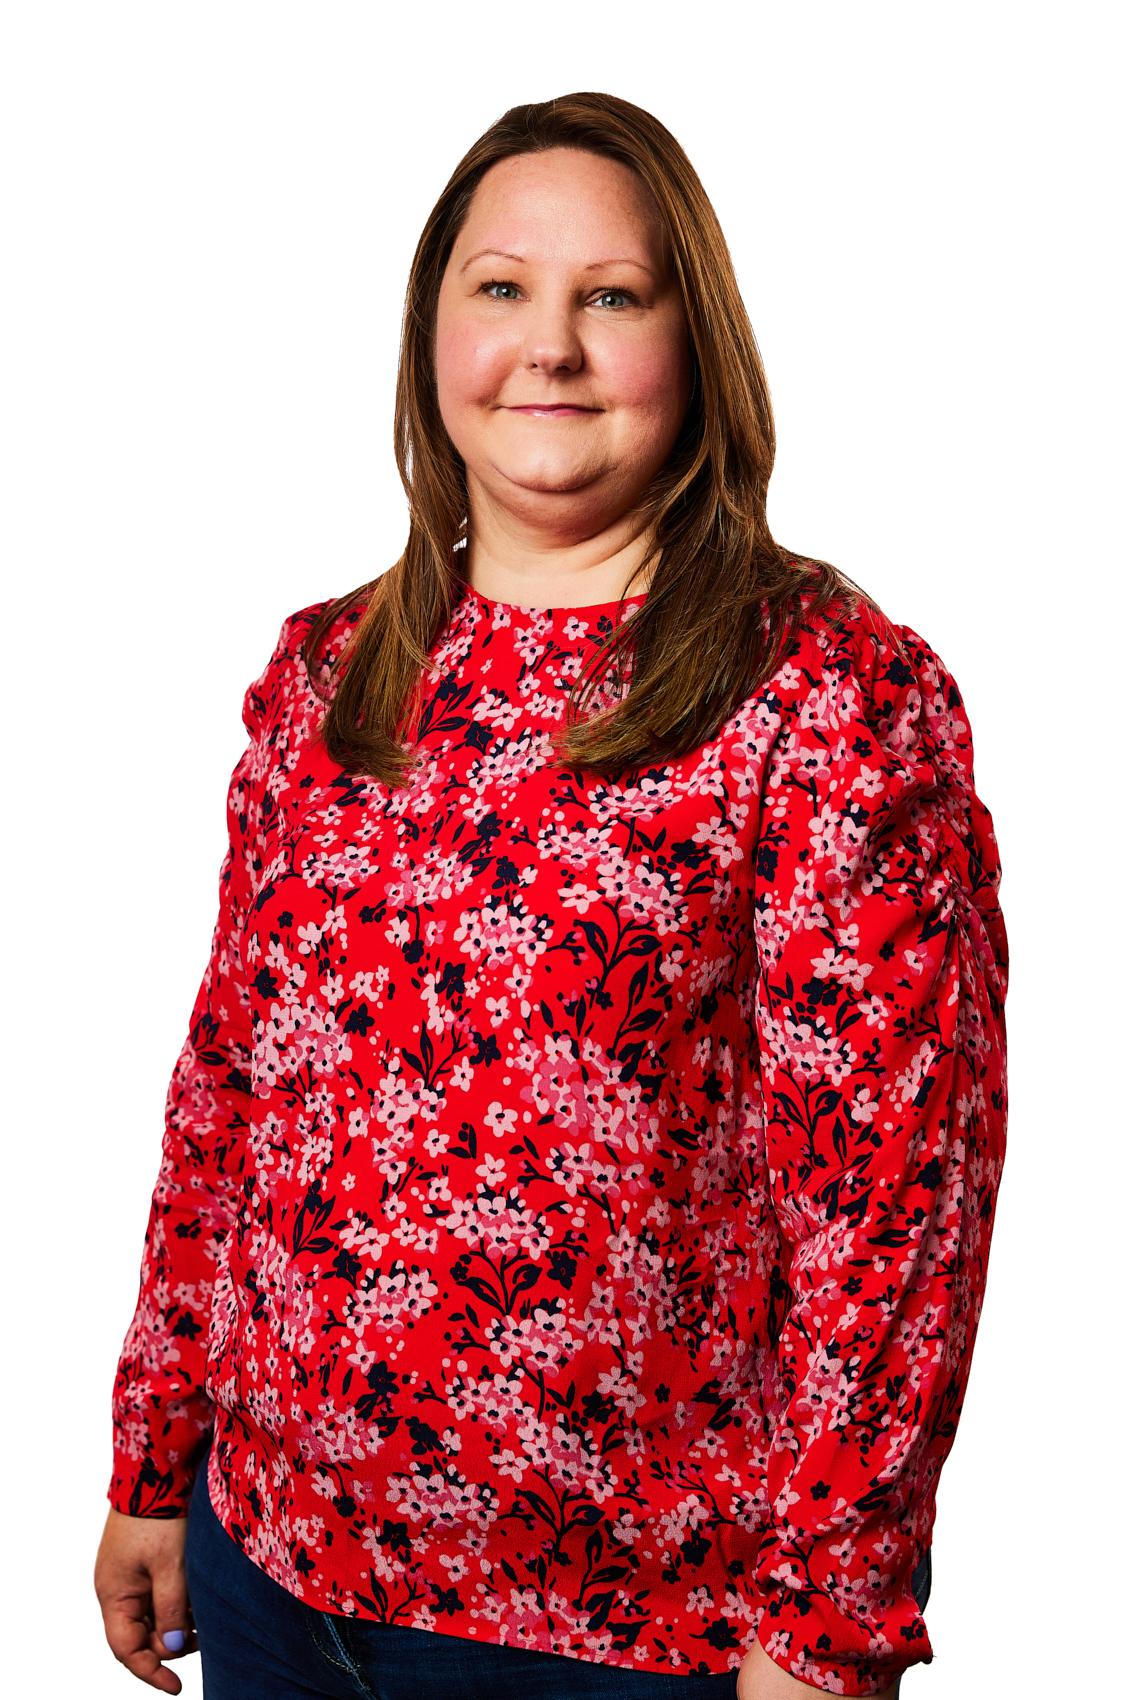 Victoria Horner - Employment Solicitor in Leeds